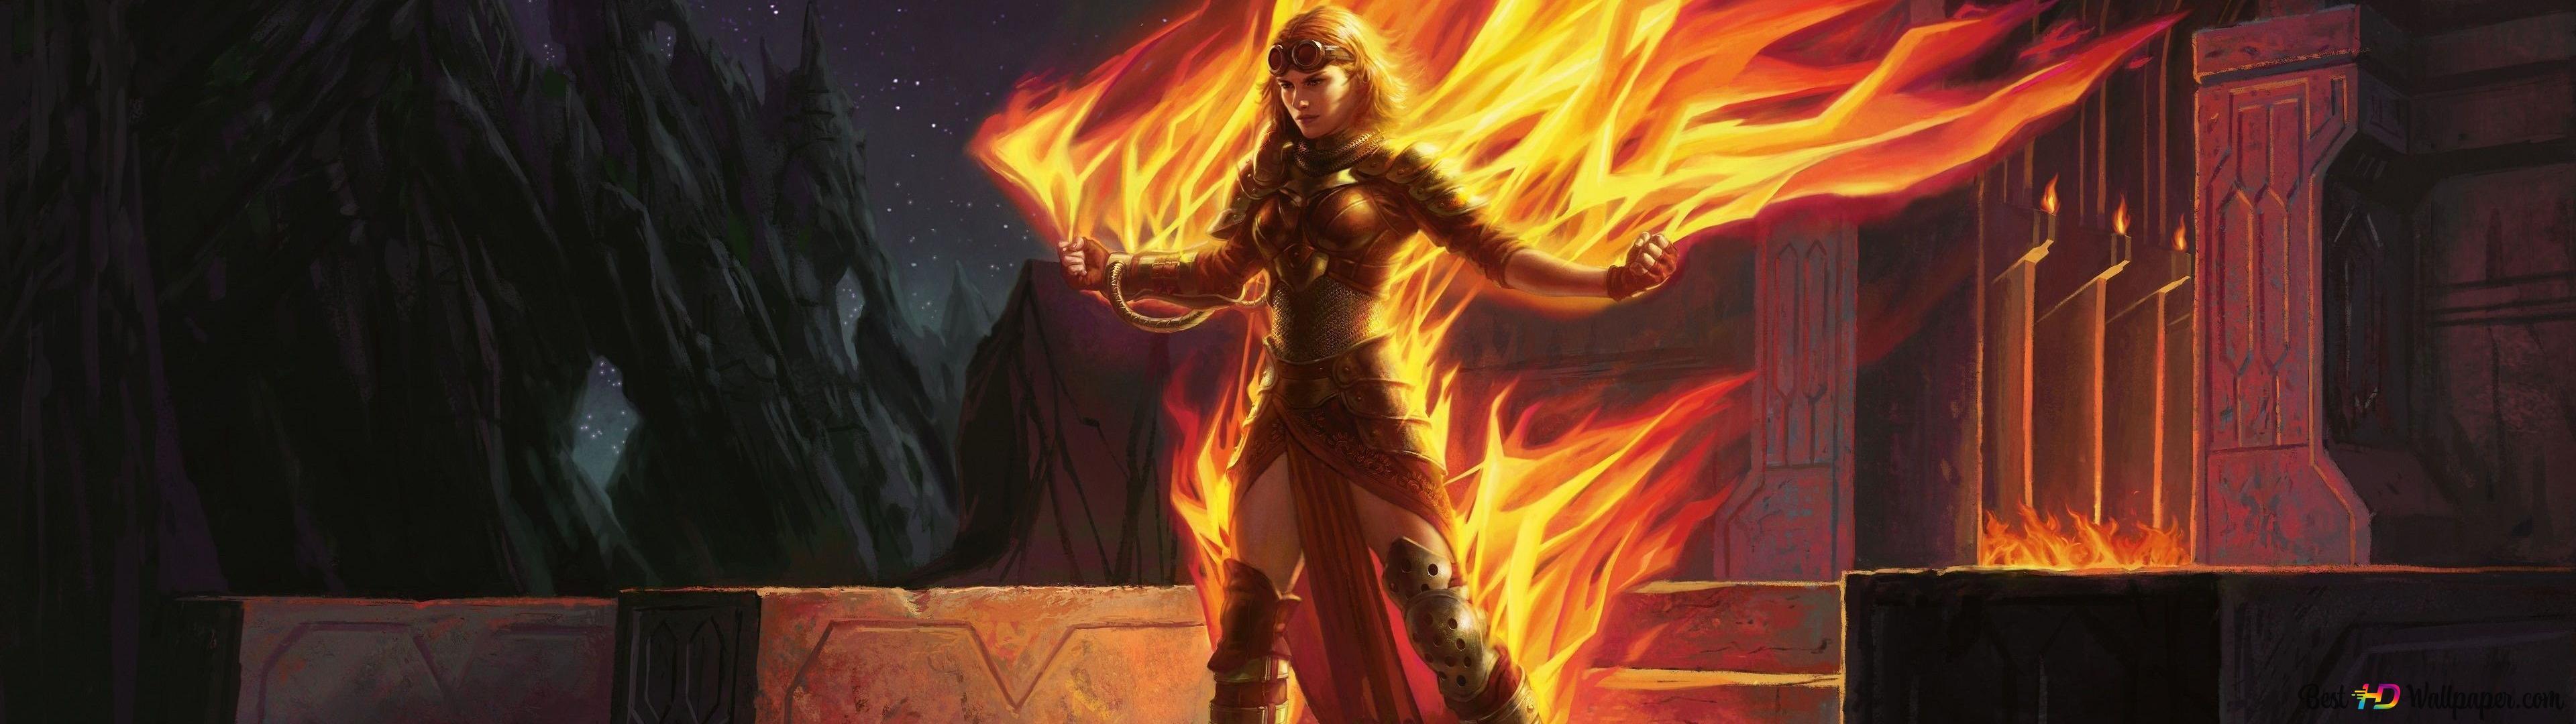 Magical Fire Girl HD wallpaper